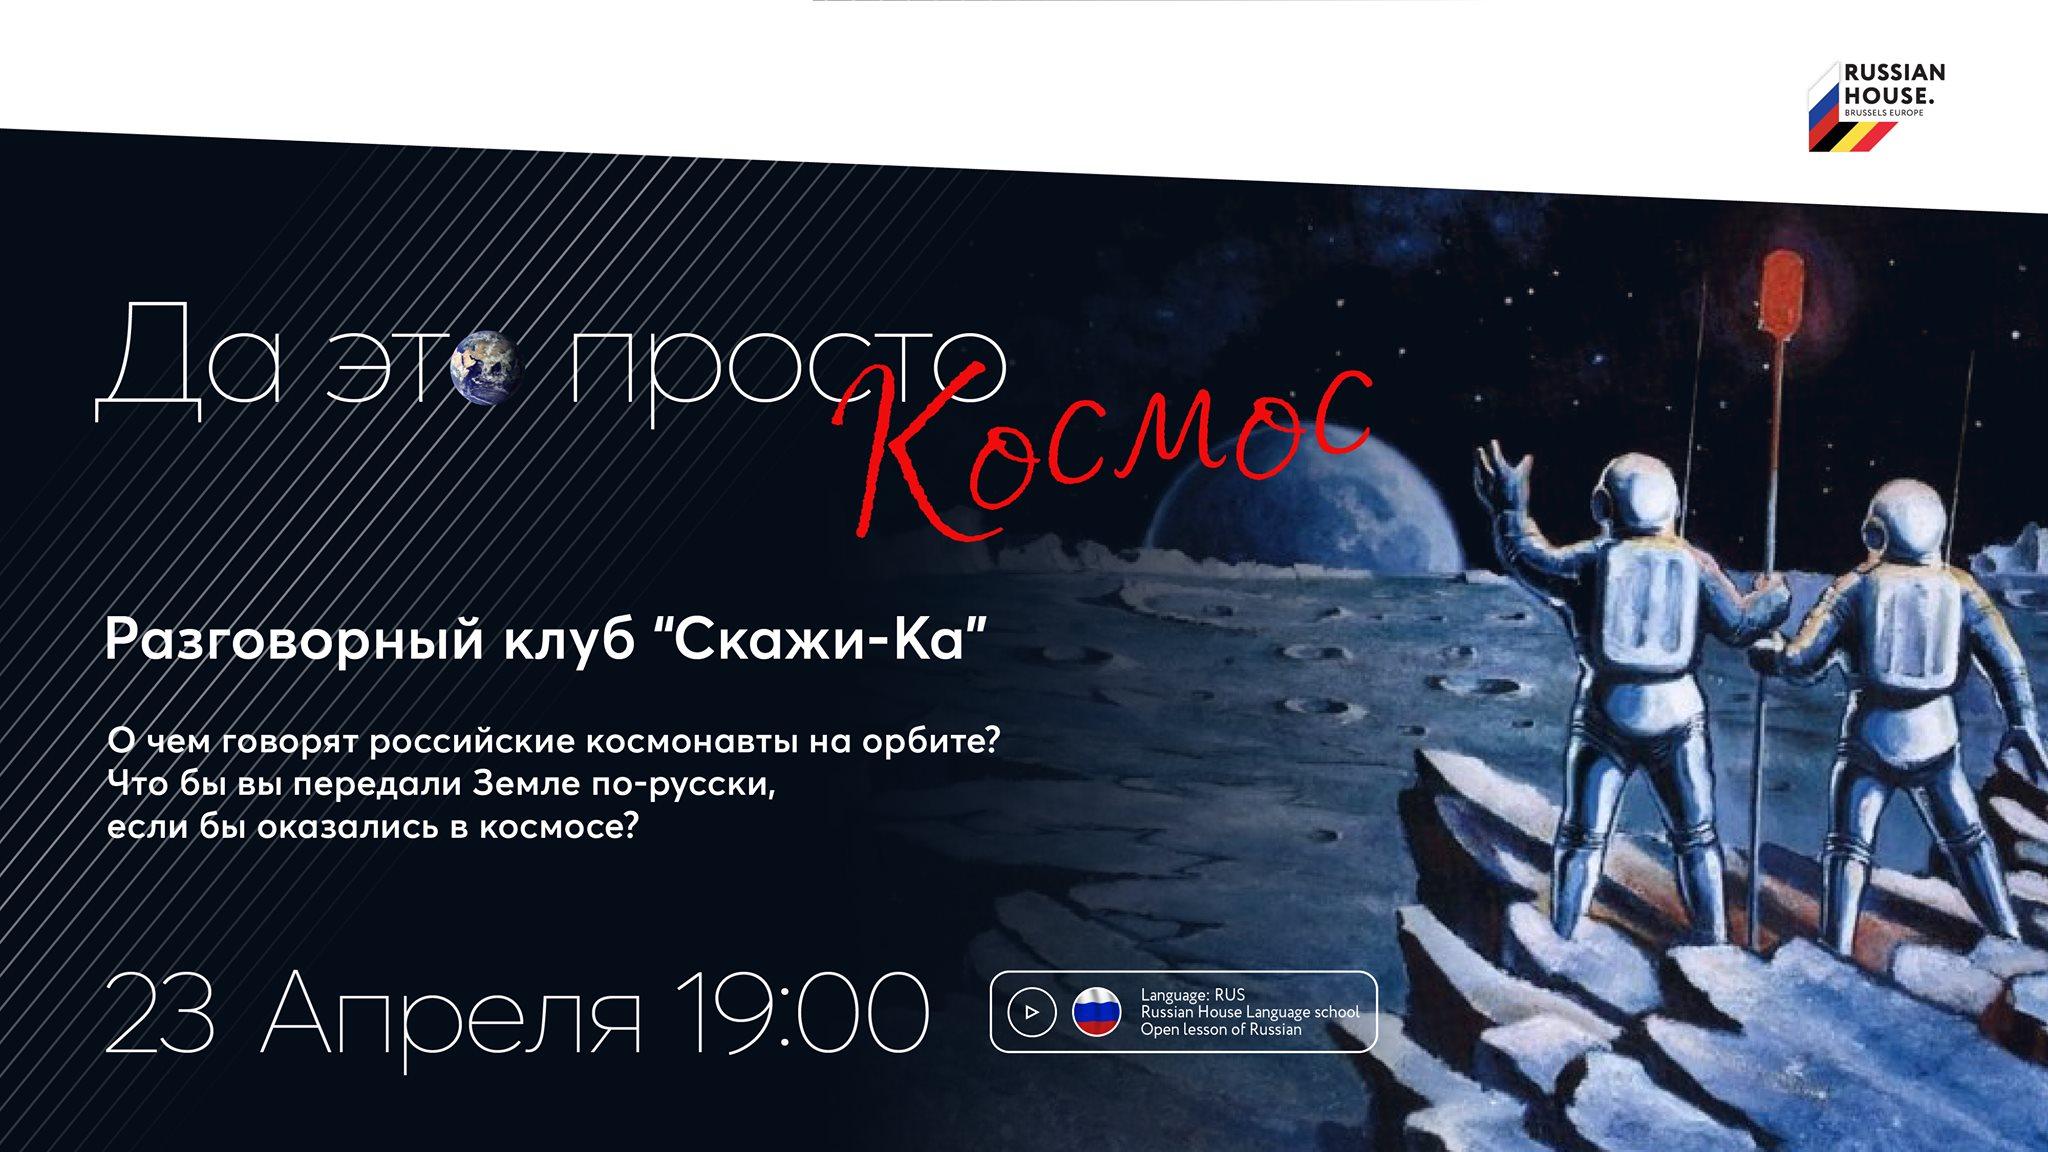 """23 Апреля – Разговорный клуб """"Скажи-ка"""". Это просто космос!"""